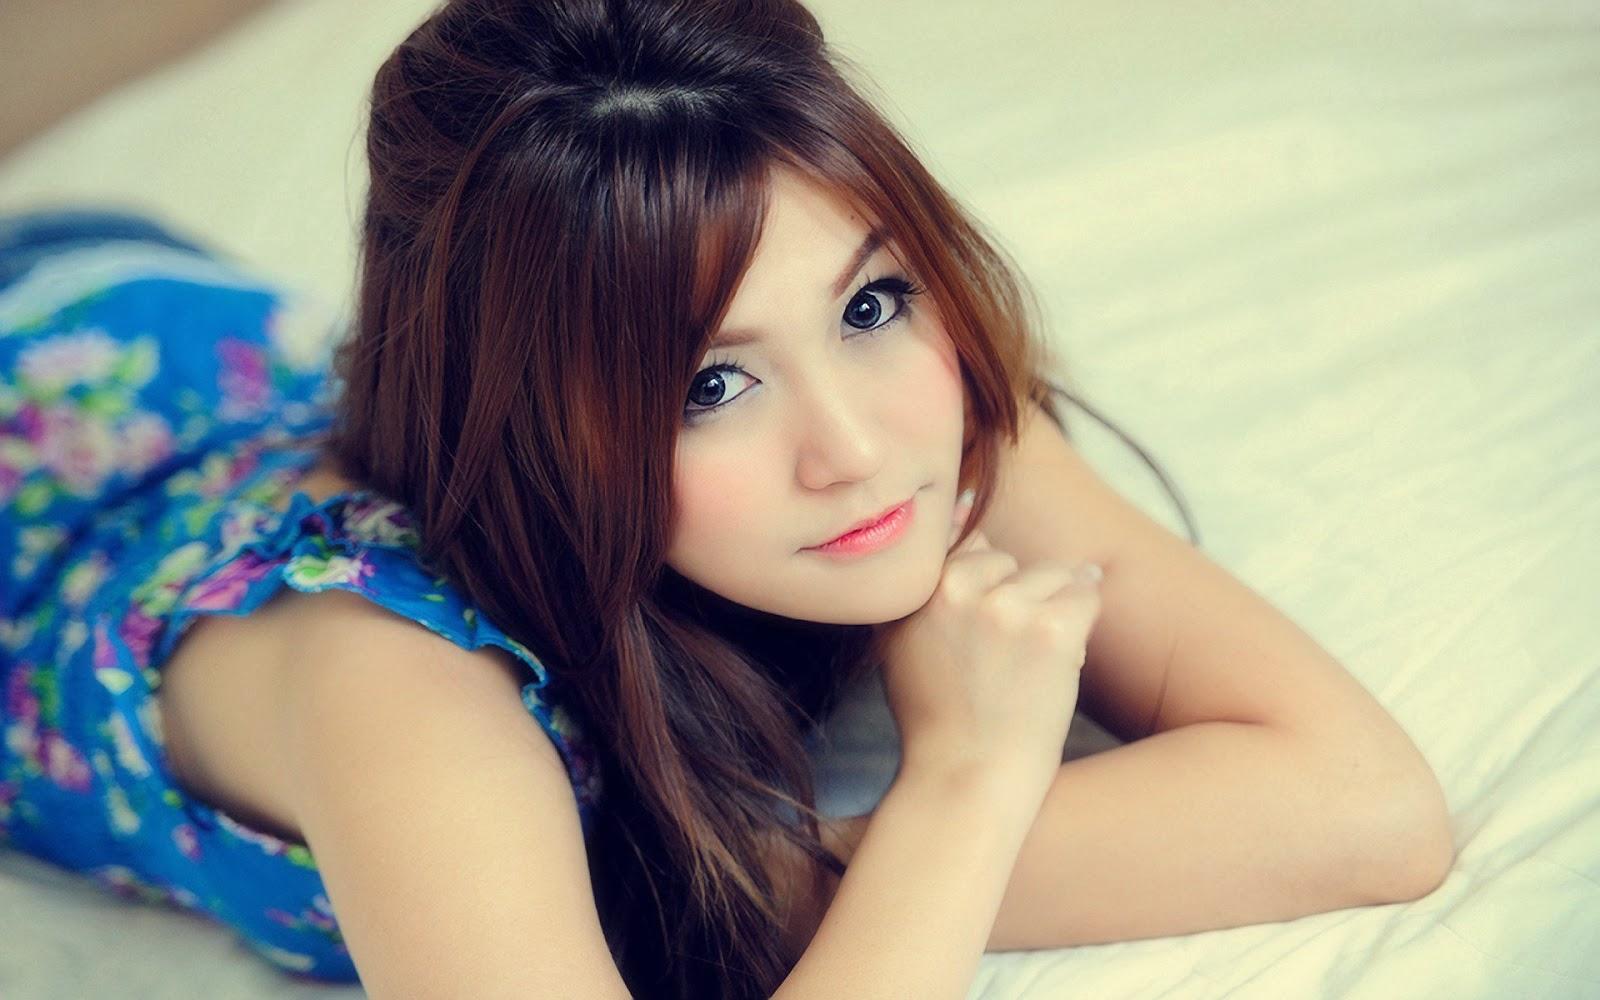 صوره اجمل صور بنات , تذكري دائما ان الجمال الطبيعي هو جمال الروح